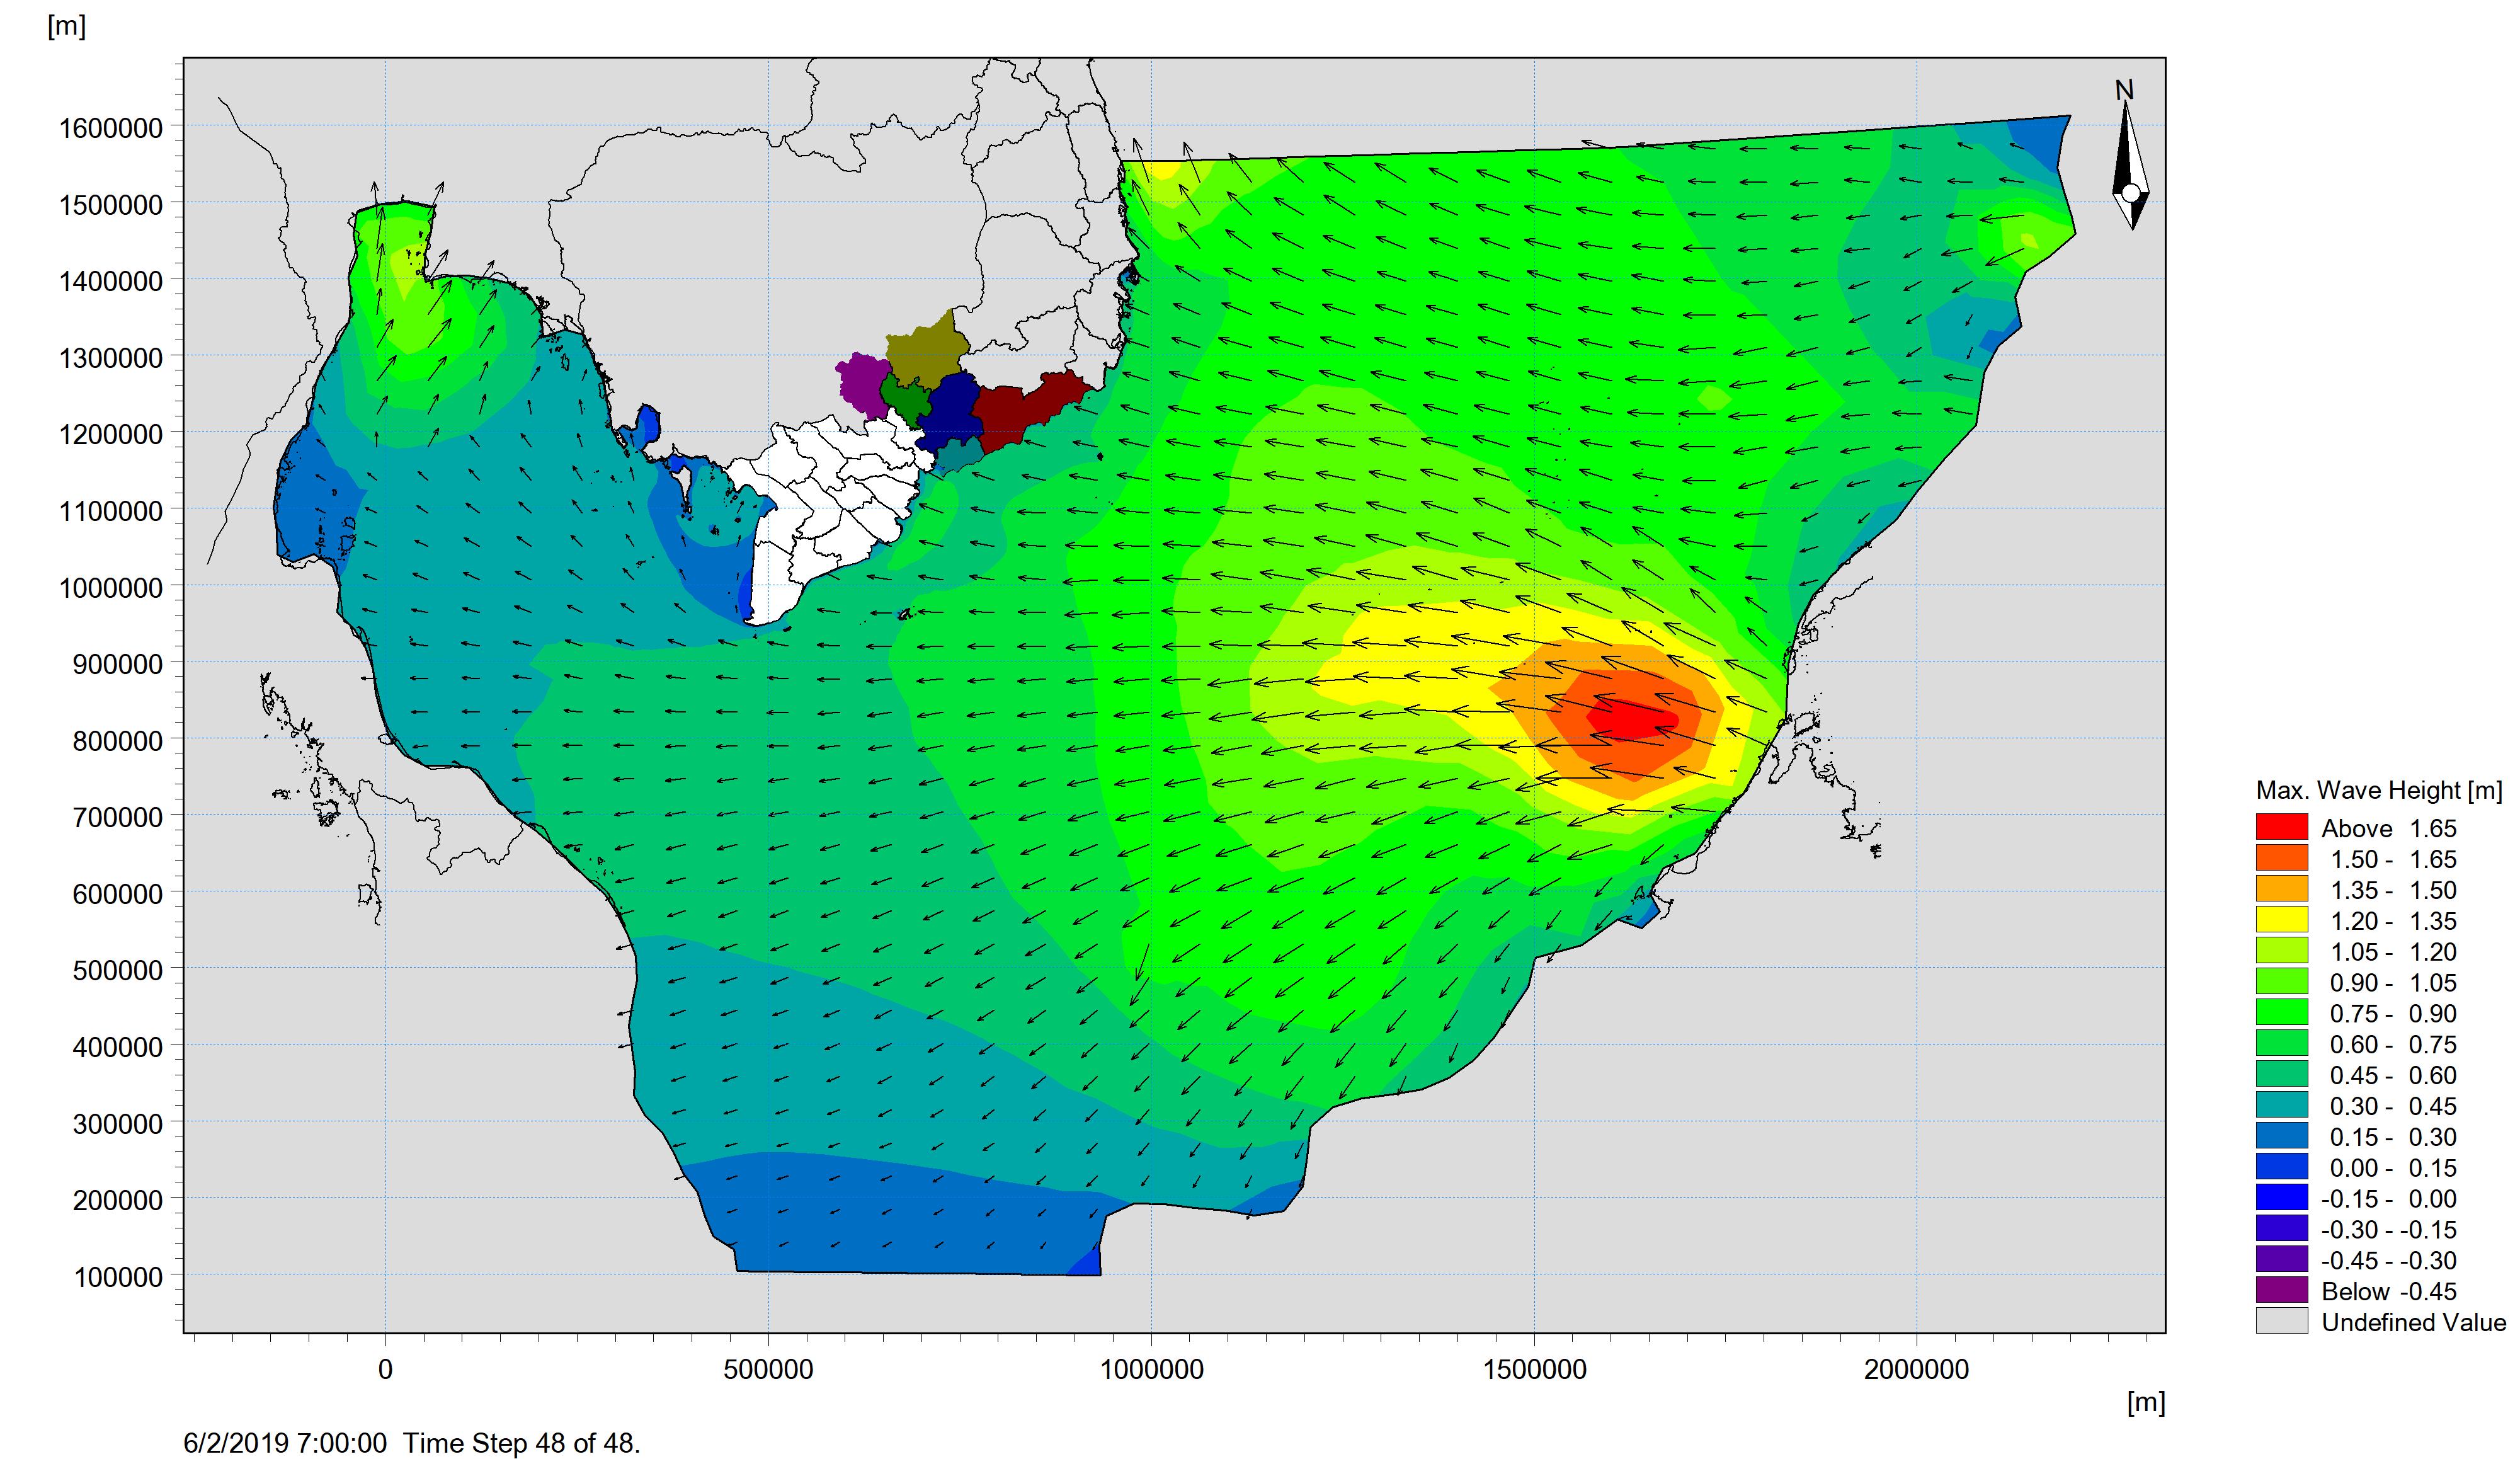 Bản tin dự báo sóng khu vực Nam Bộ từ ngày 31-05-2019 đến ngày 02-06-2019